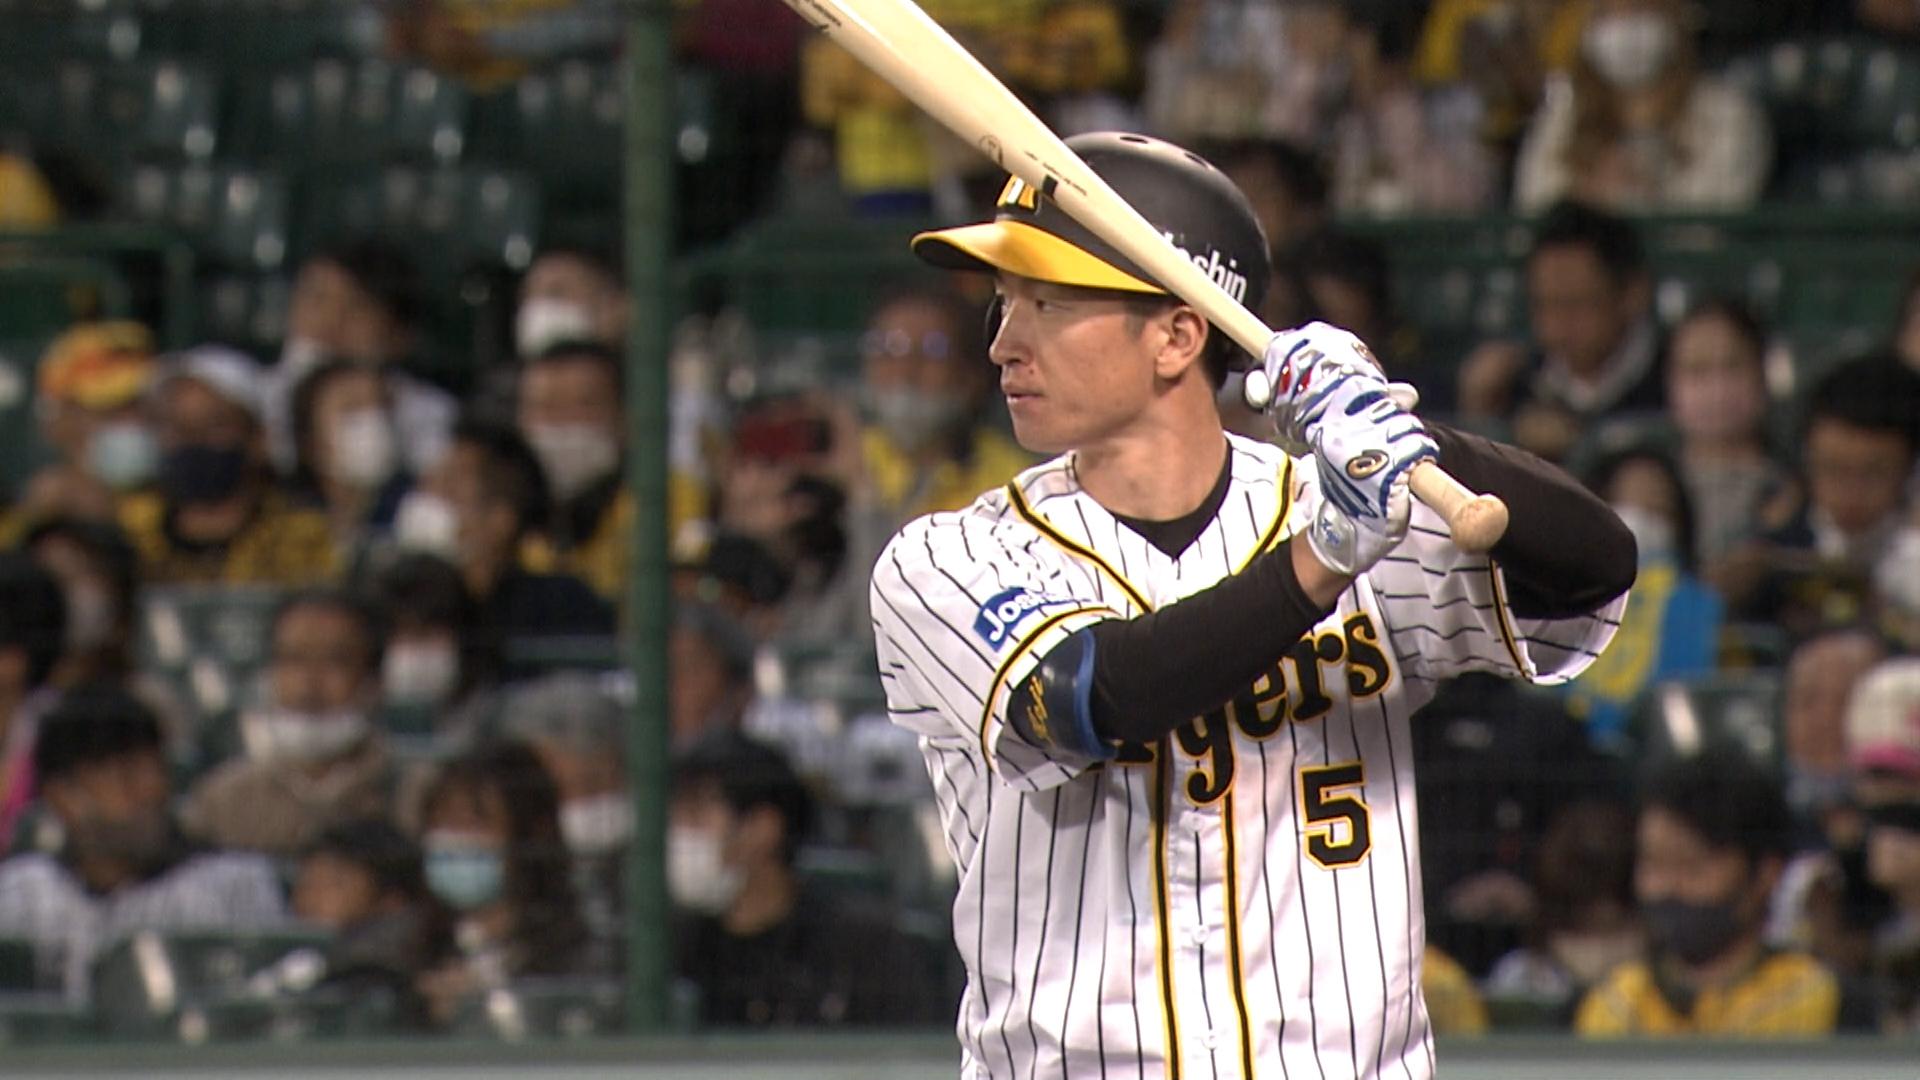 【1回裏】近本 よーいドンで今日も先頭打者ヒット!! 初球を叩きセンター前へ!! 2021/10/17 T-C